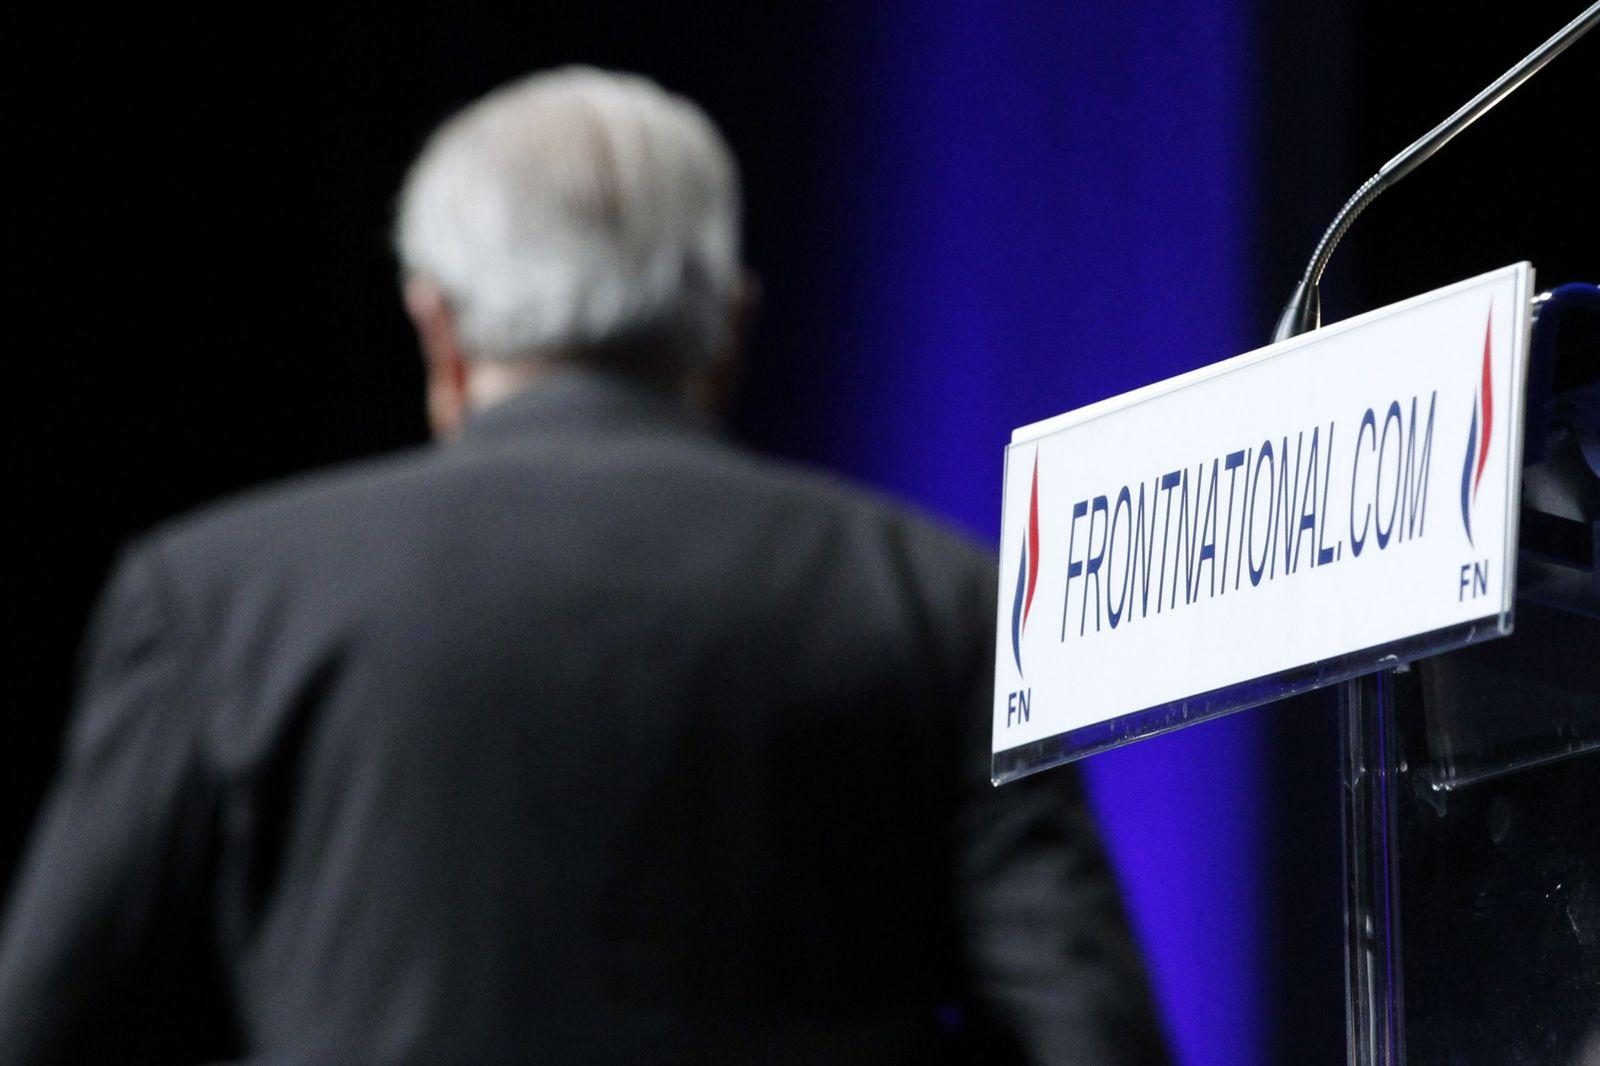 Le FN triche à l'Assemblée nationale ?